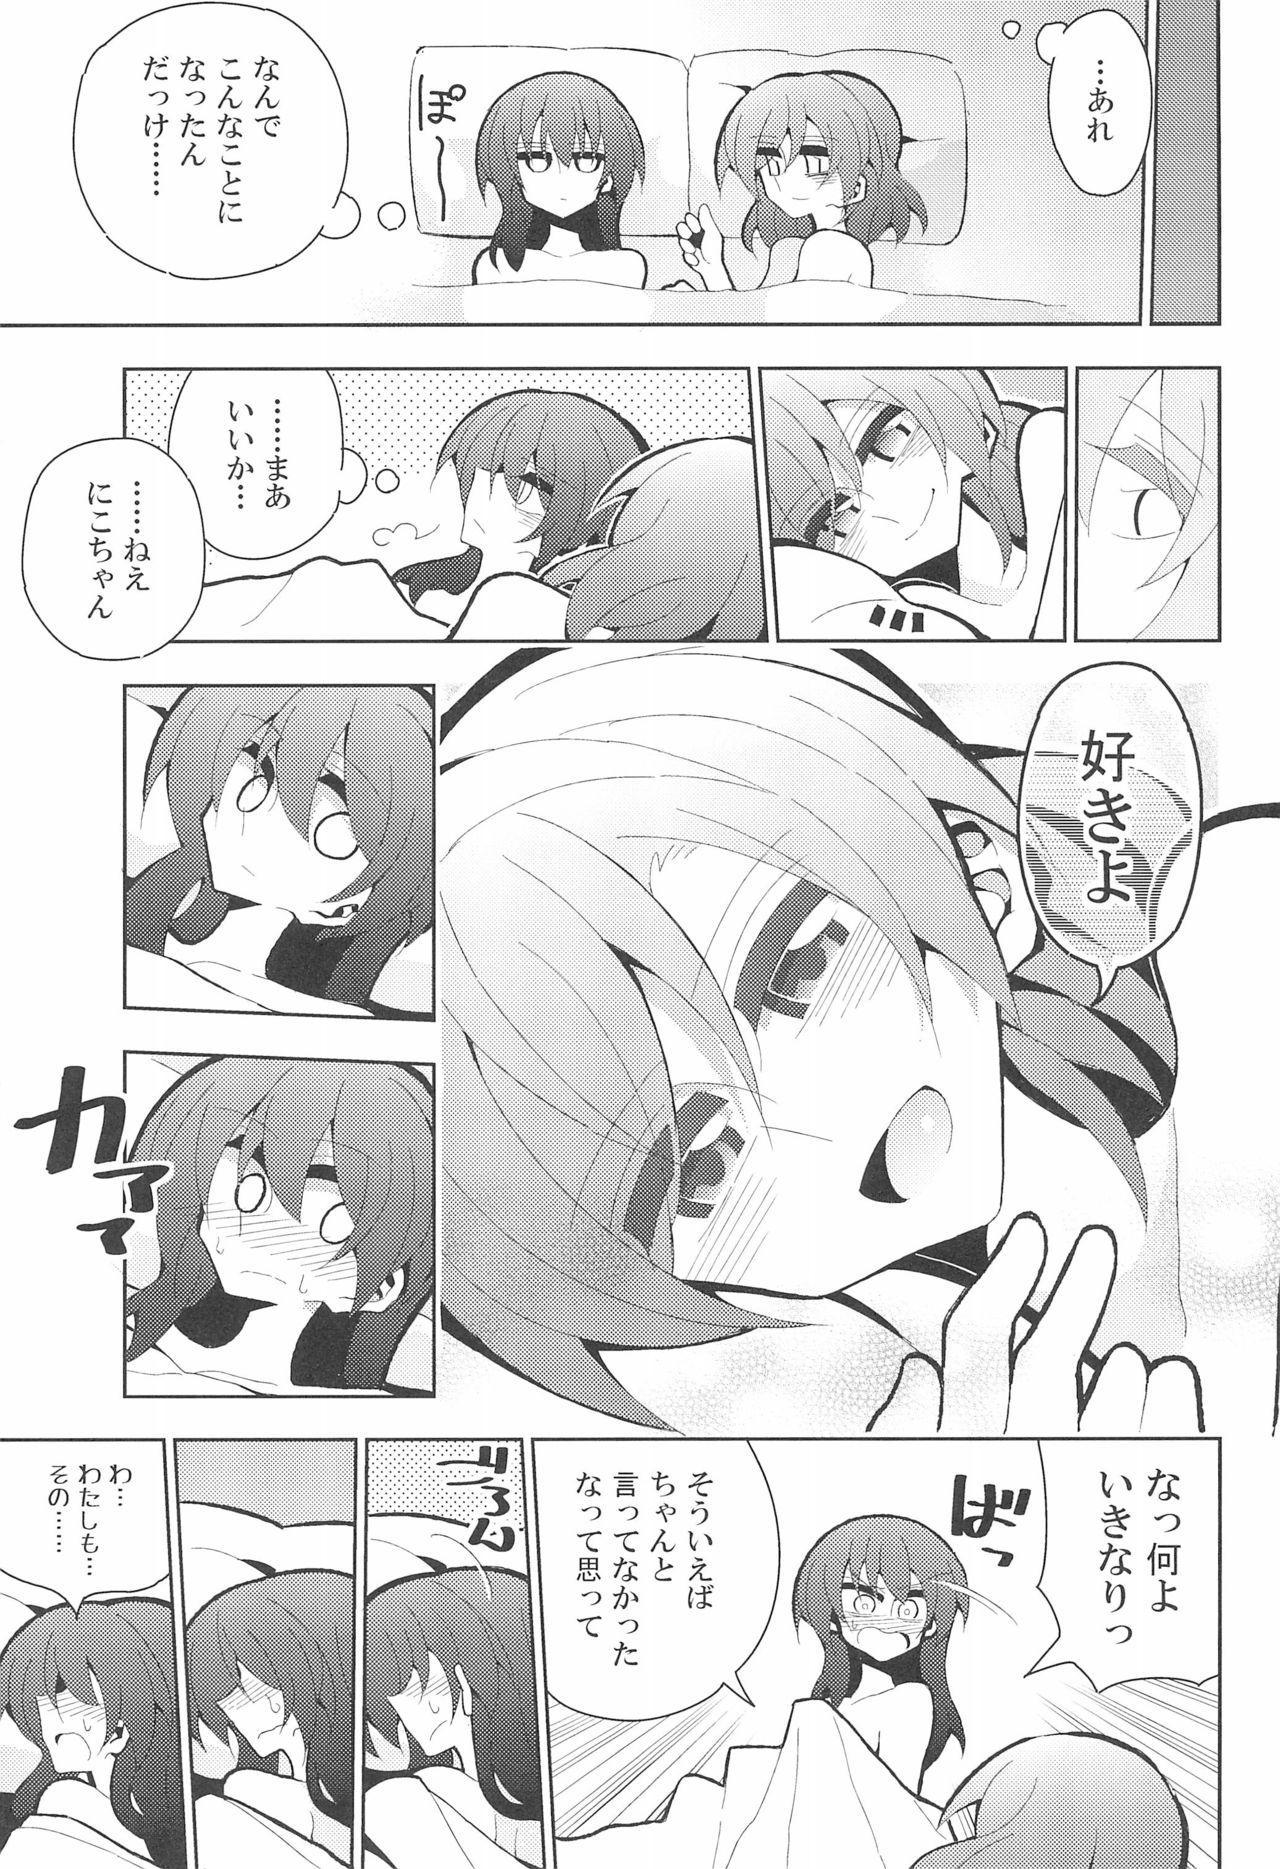 NicoMaki Futanari Sex 32